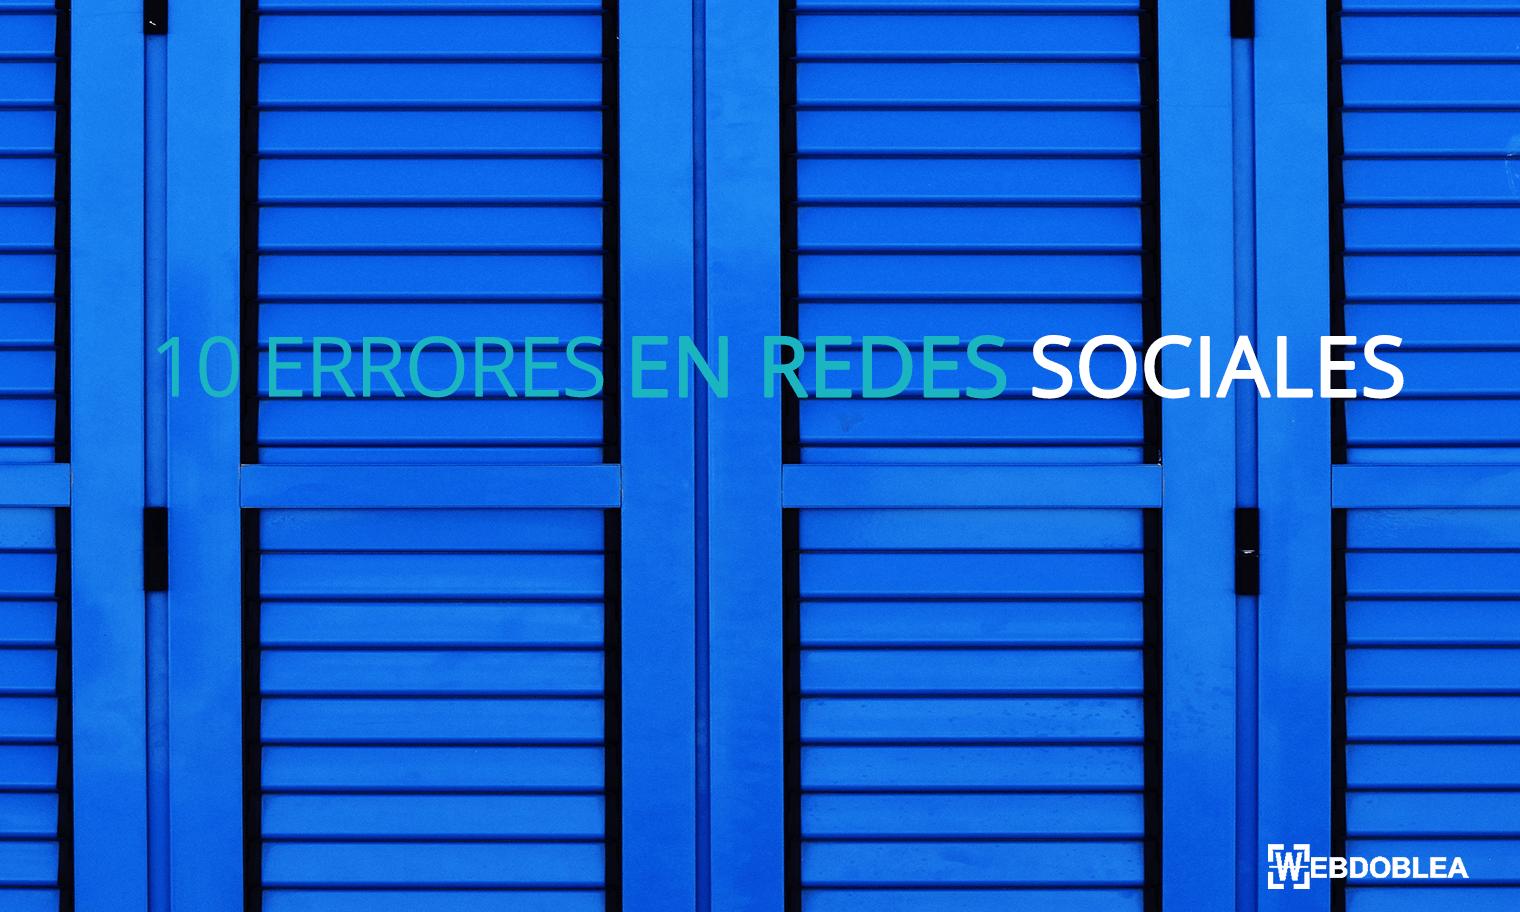 10 errores en redes sociales